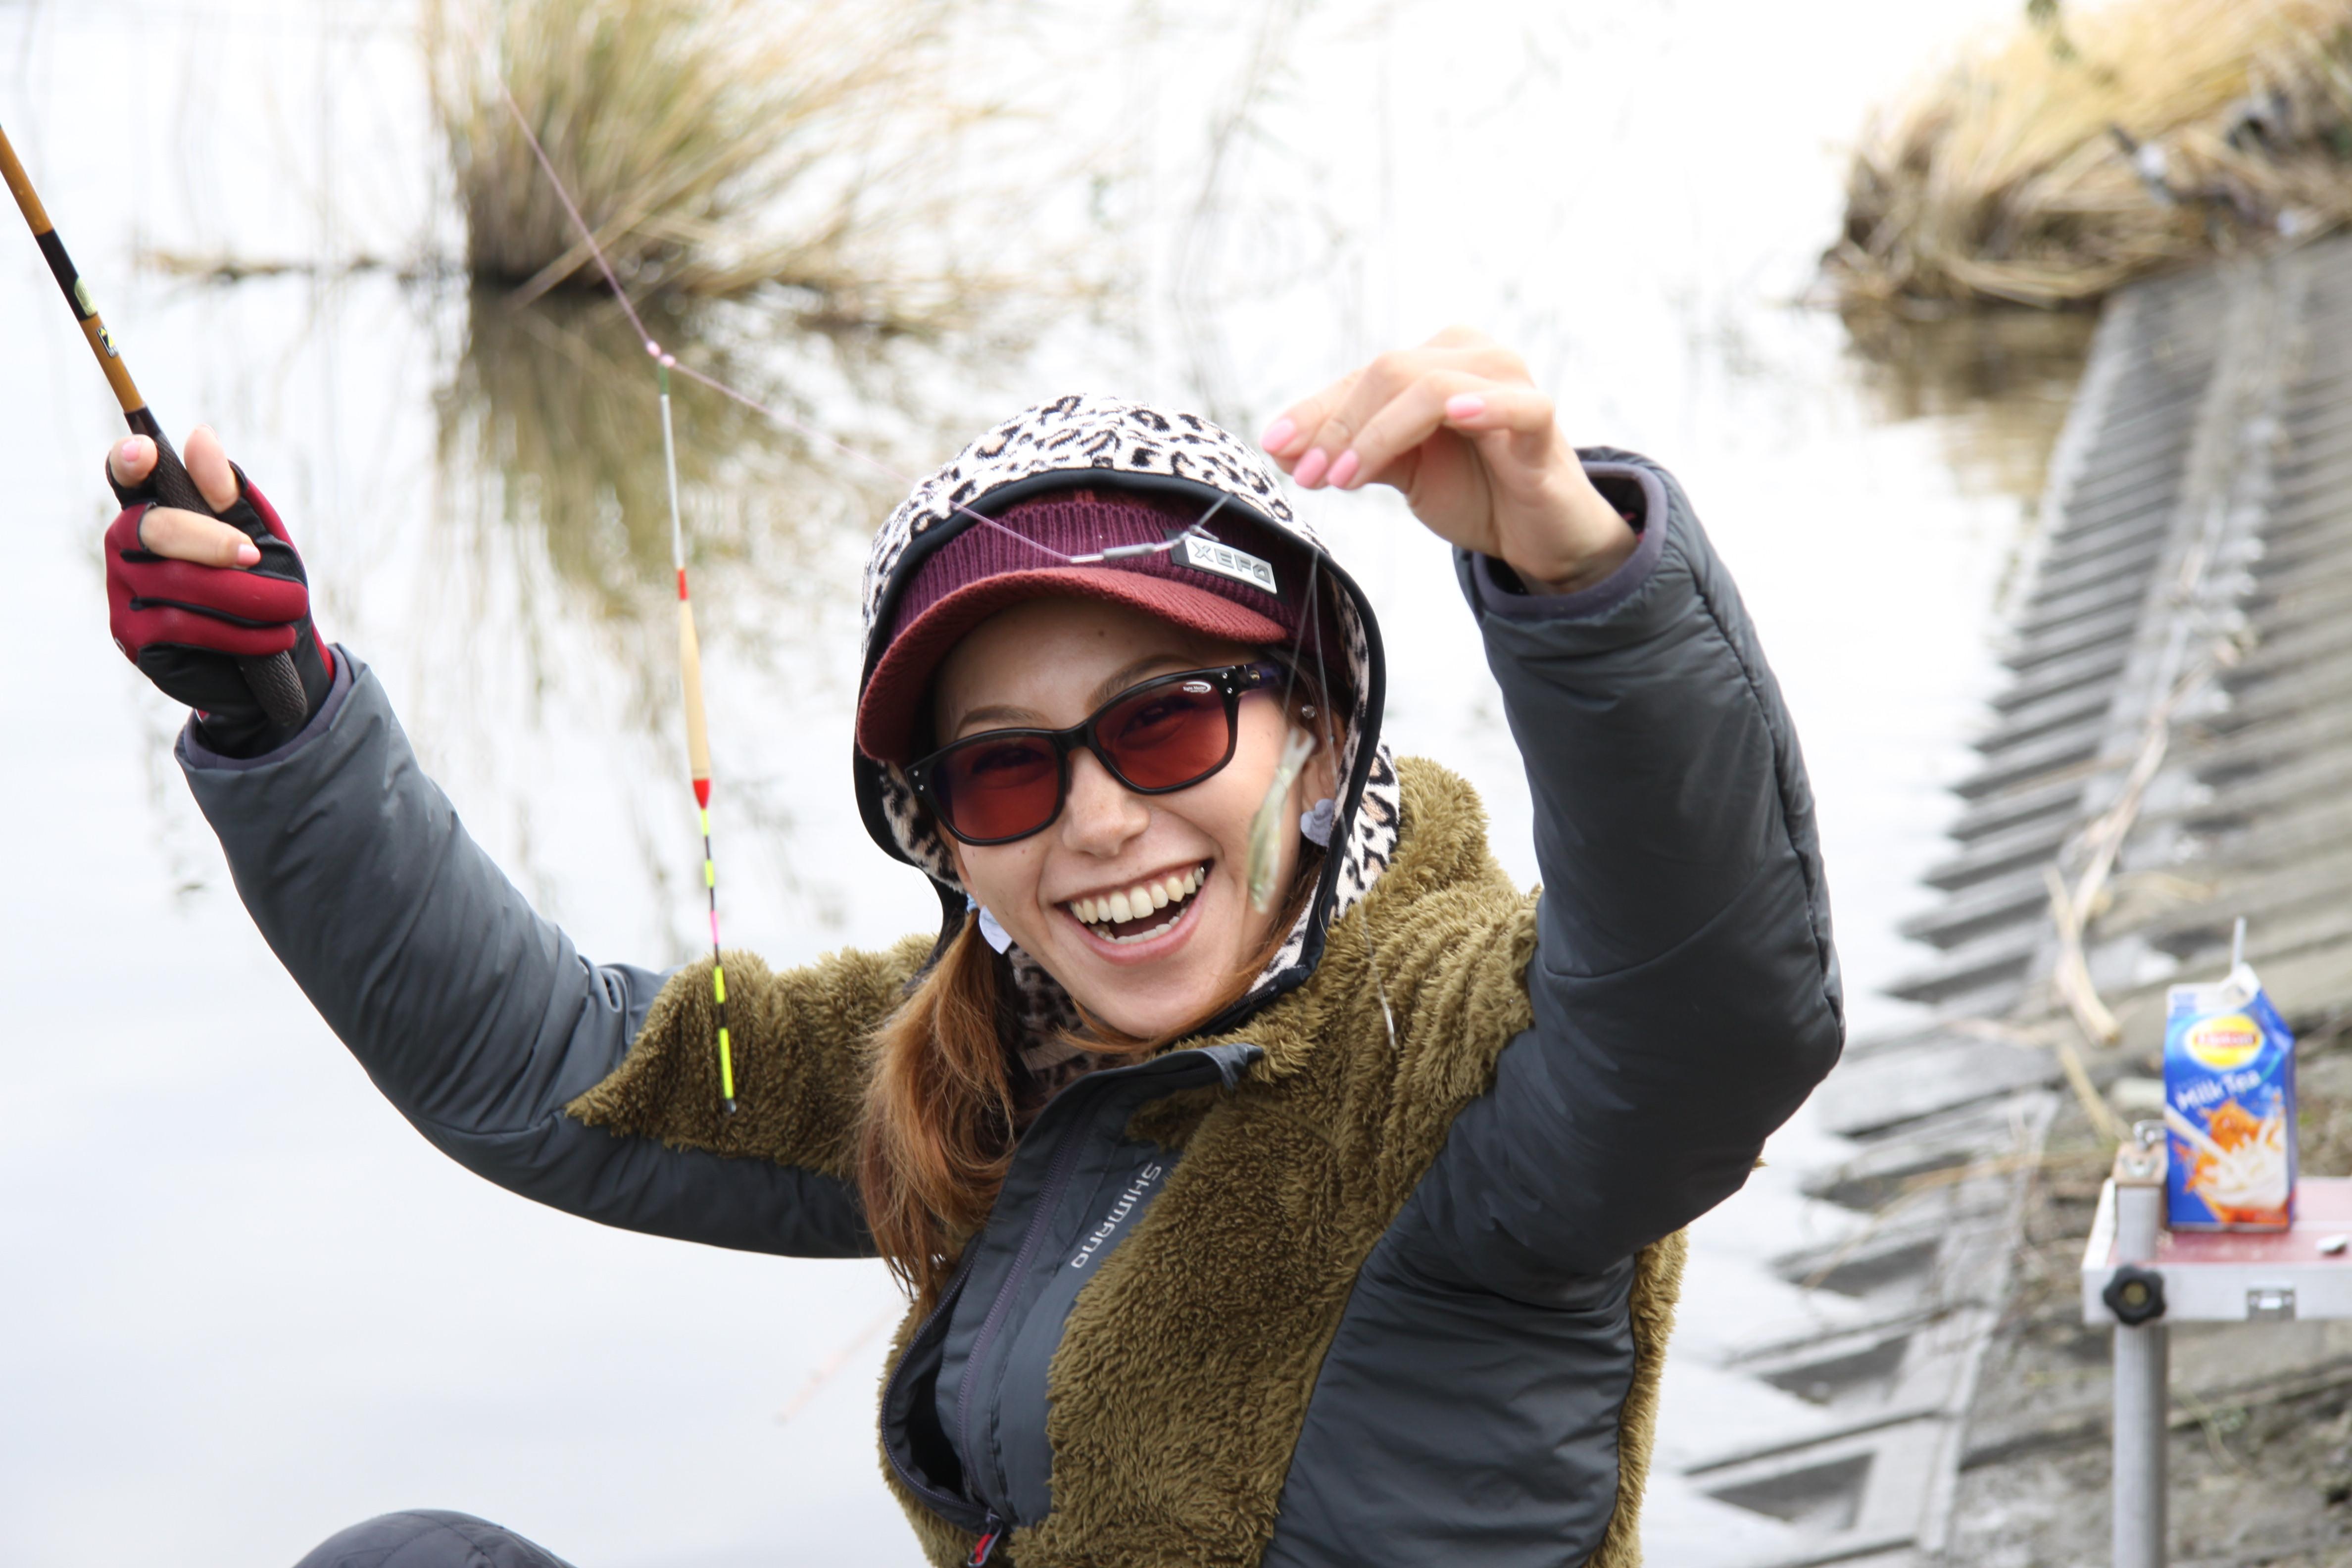 冬の釣行を快適にするイチオシウェア!シマノ『JA-061Q フリースジャケット』